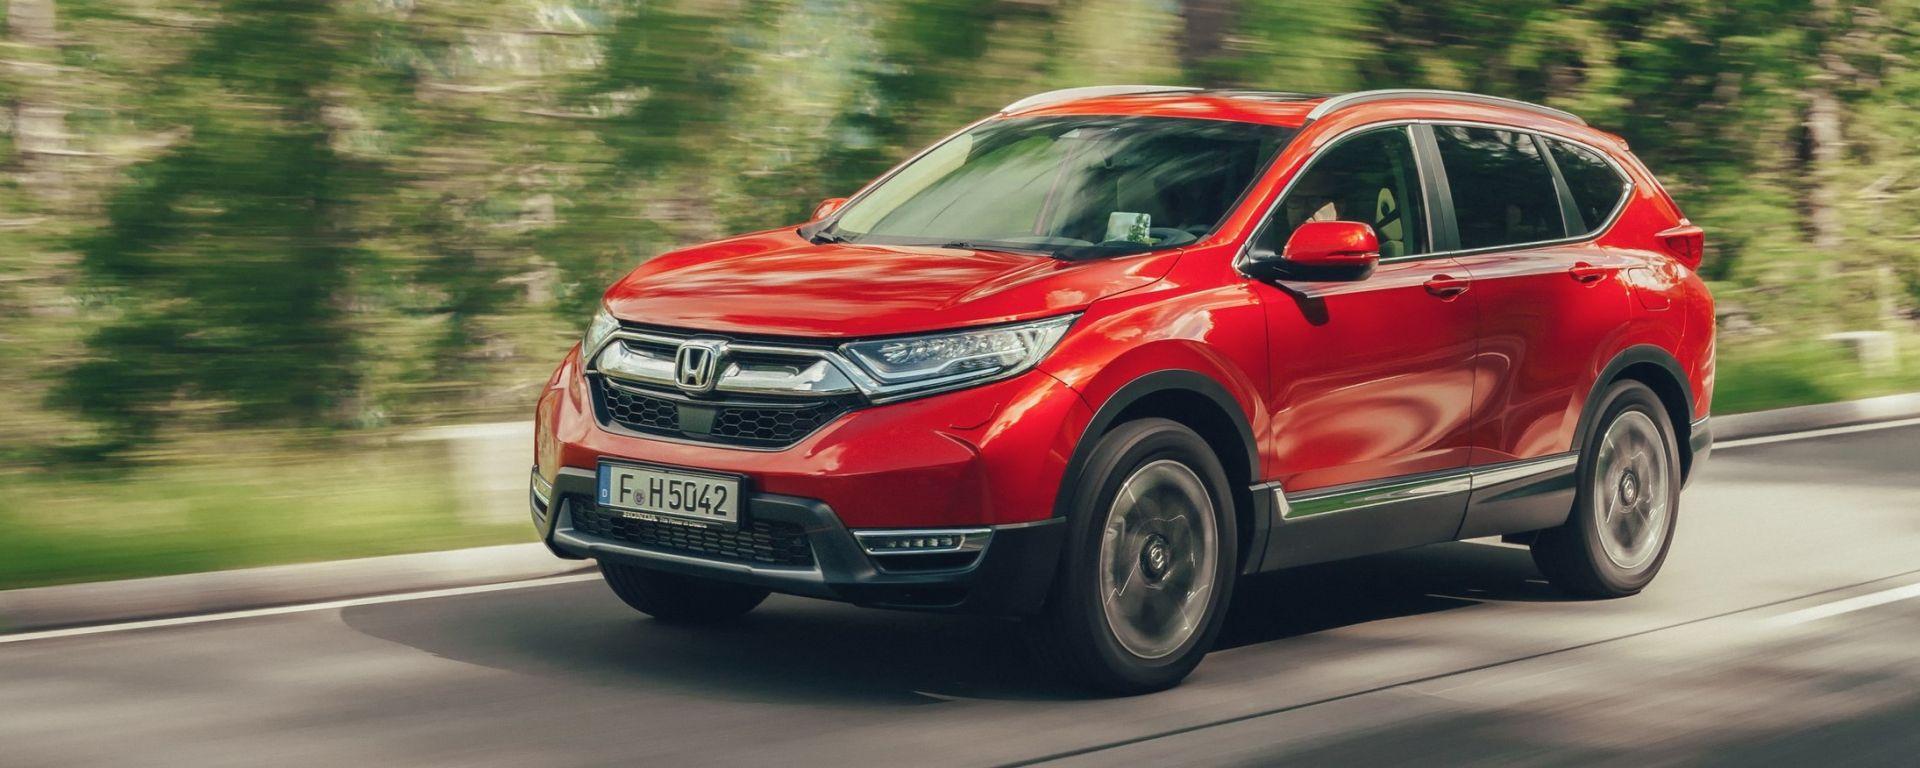 Nuova Honda CR-V 2018: la prova su strada